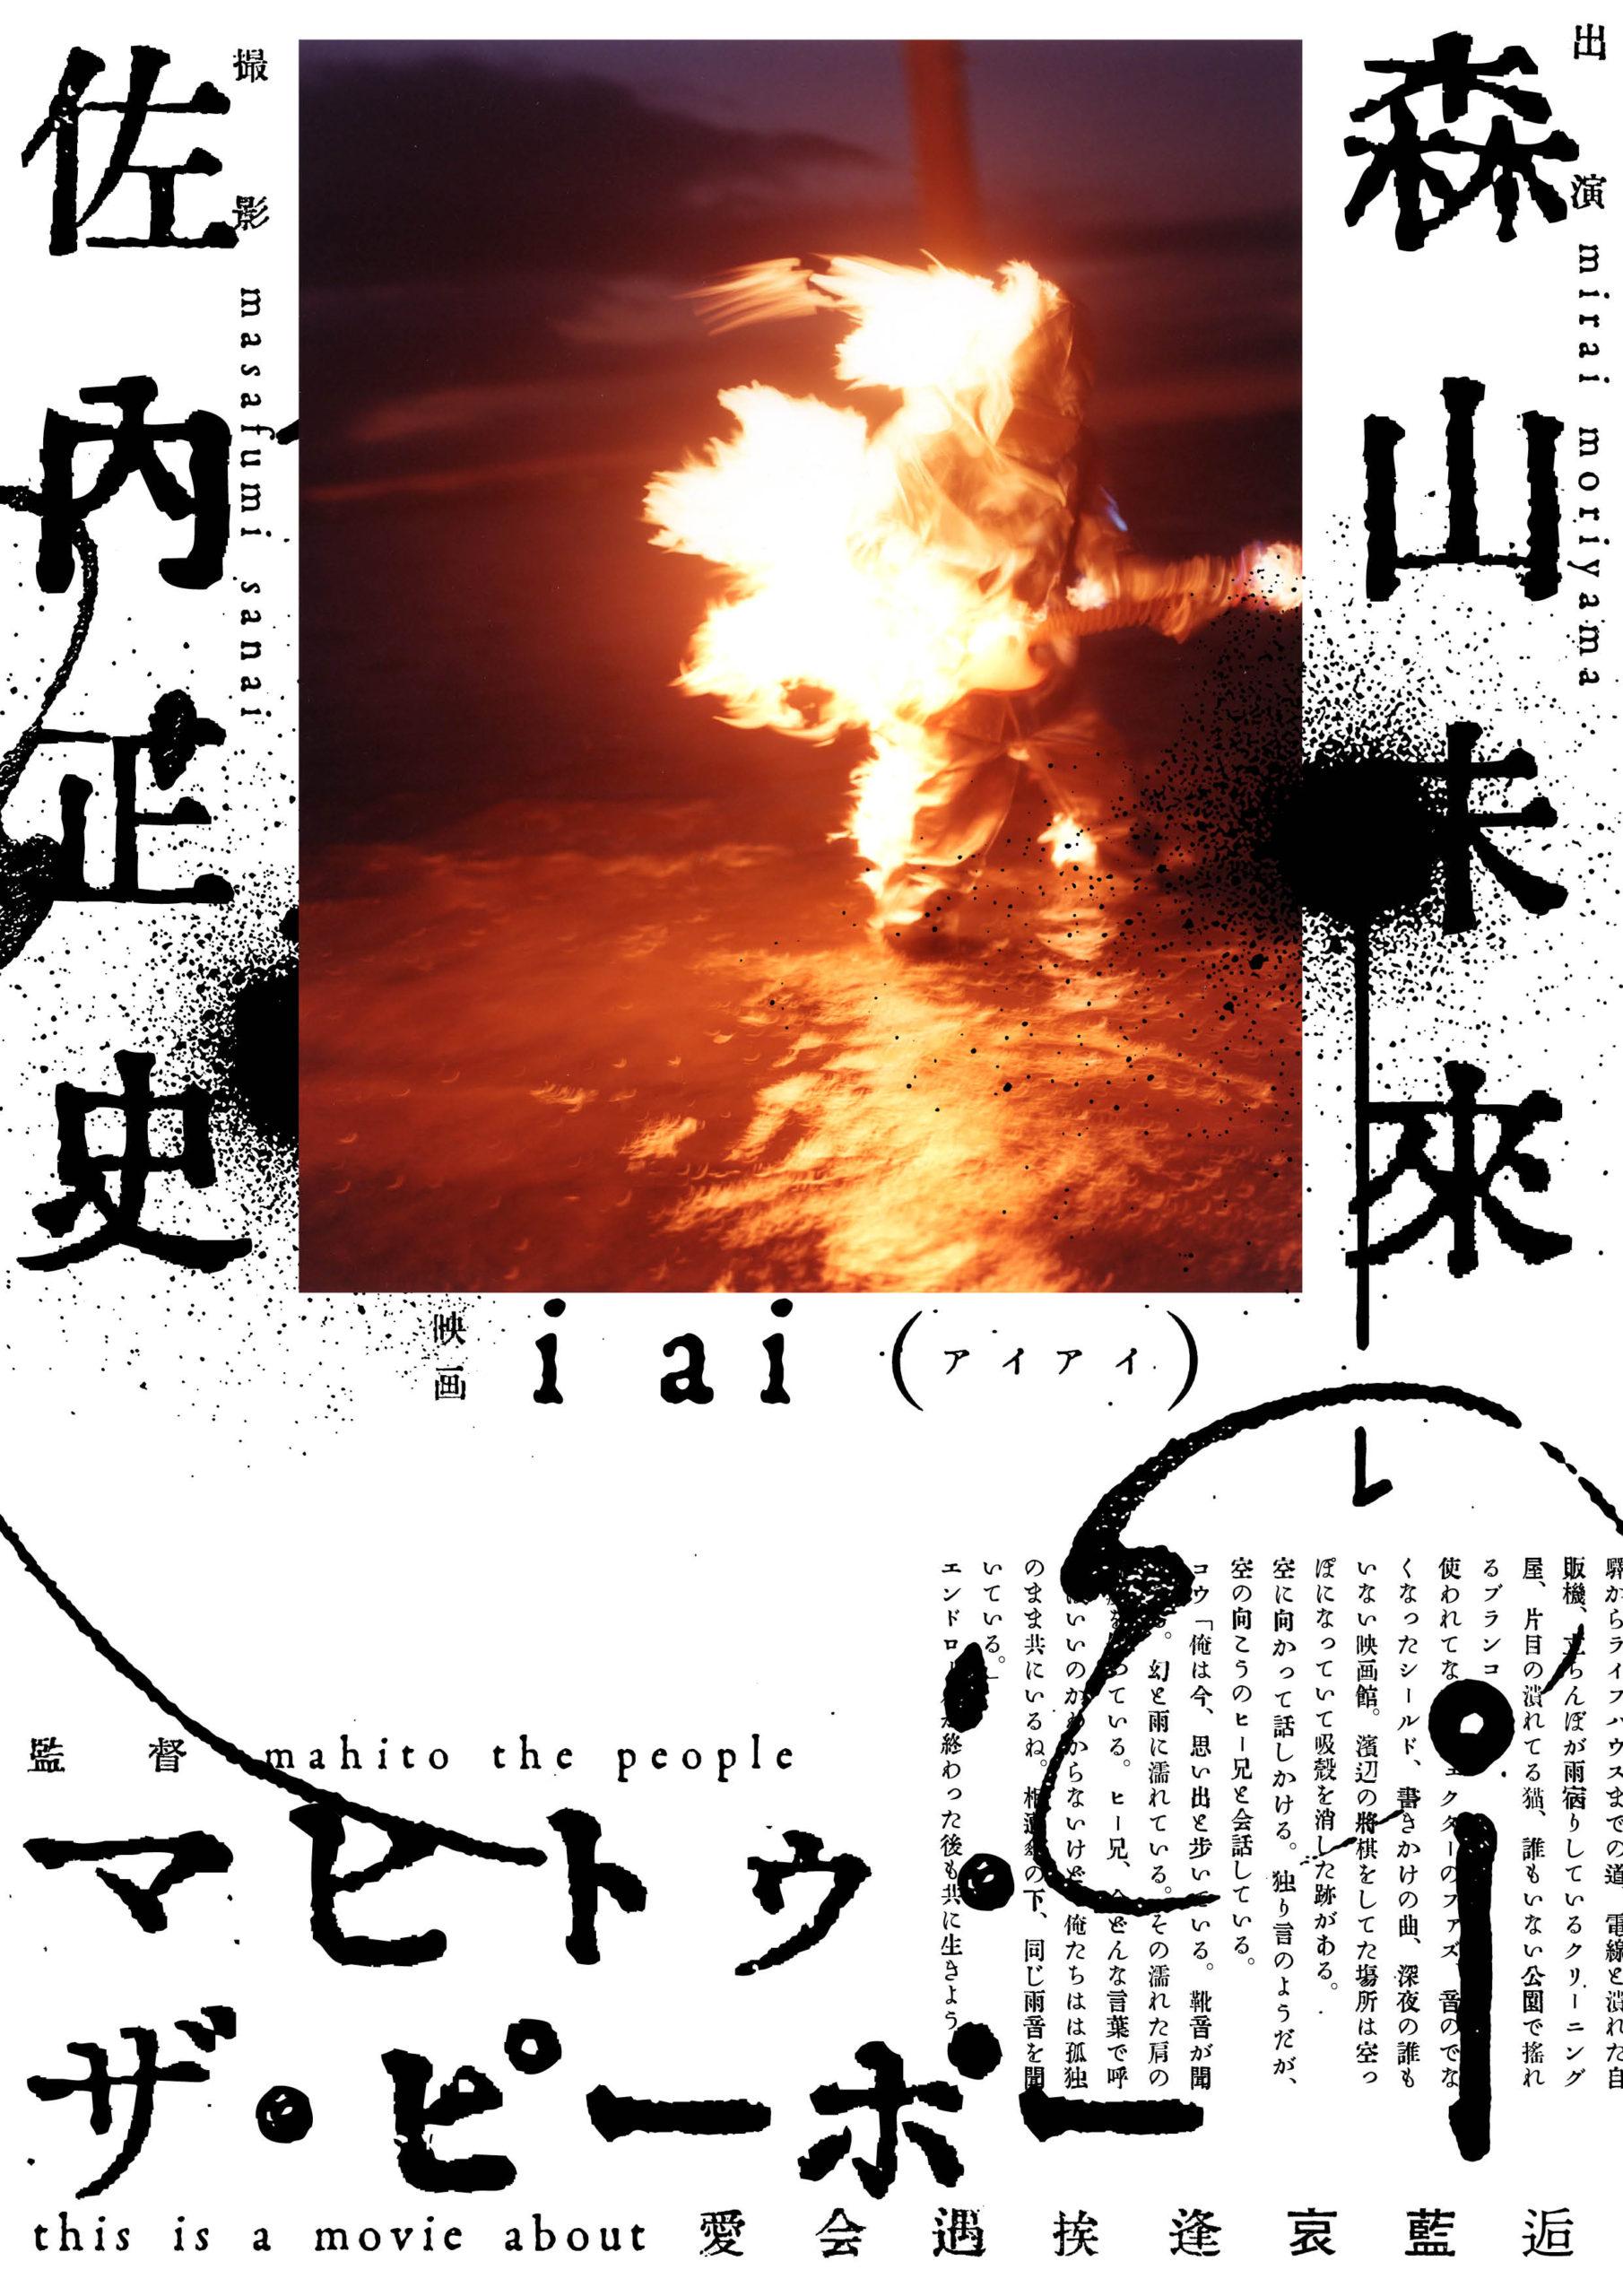 マヒトゥ・ザ・ピーポーが監督・脚本を務める映画【i ai(アイアイ)】製作決定&クラウドファウンディング開始